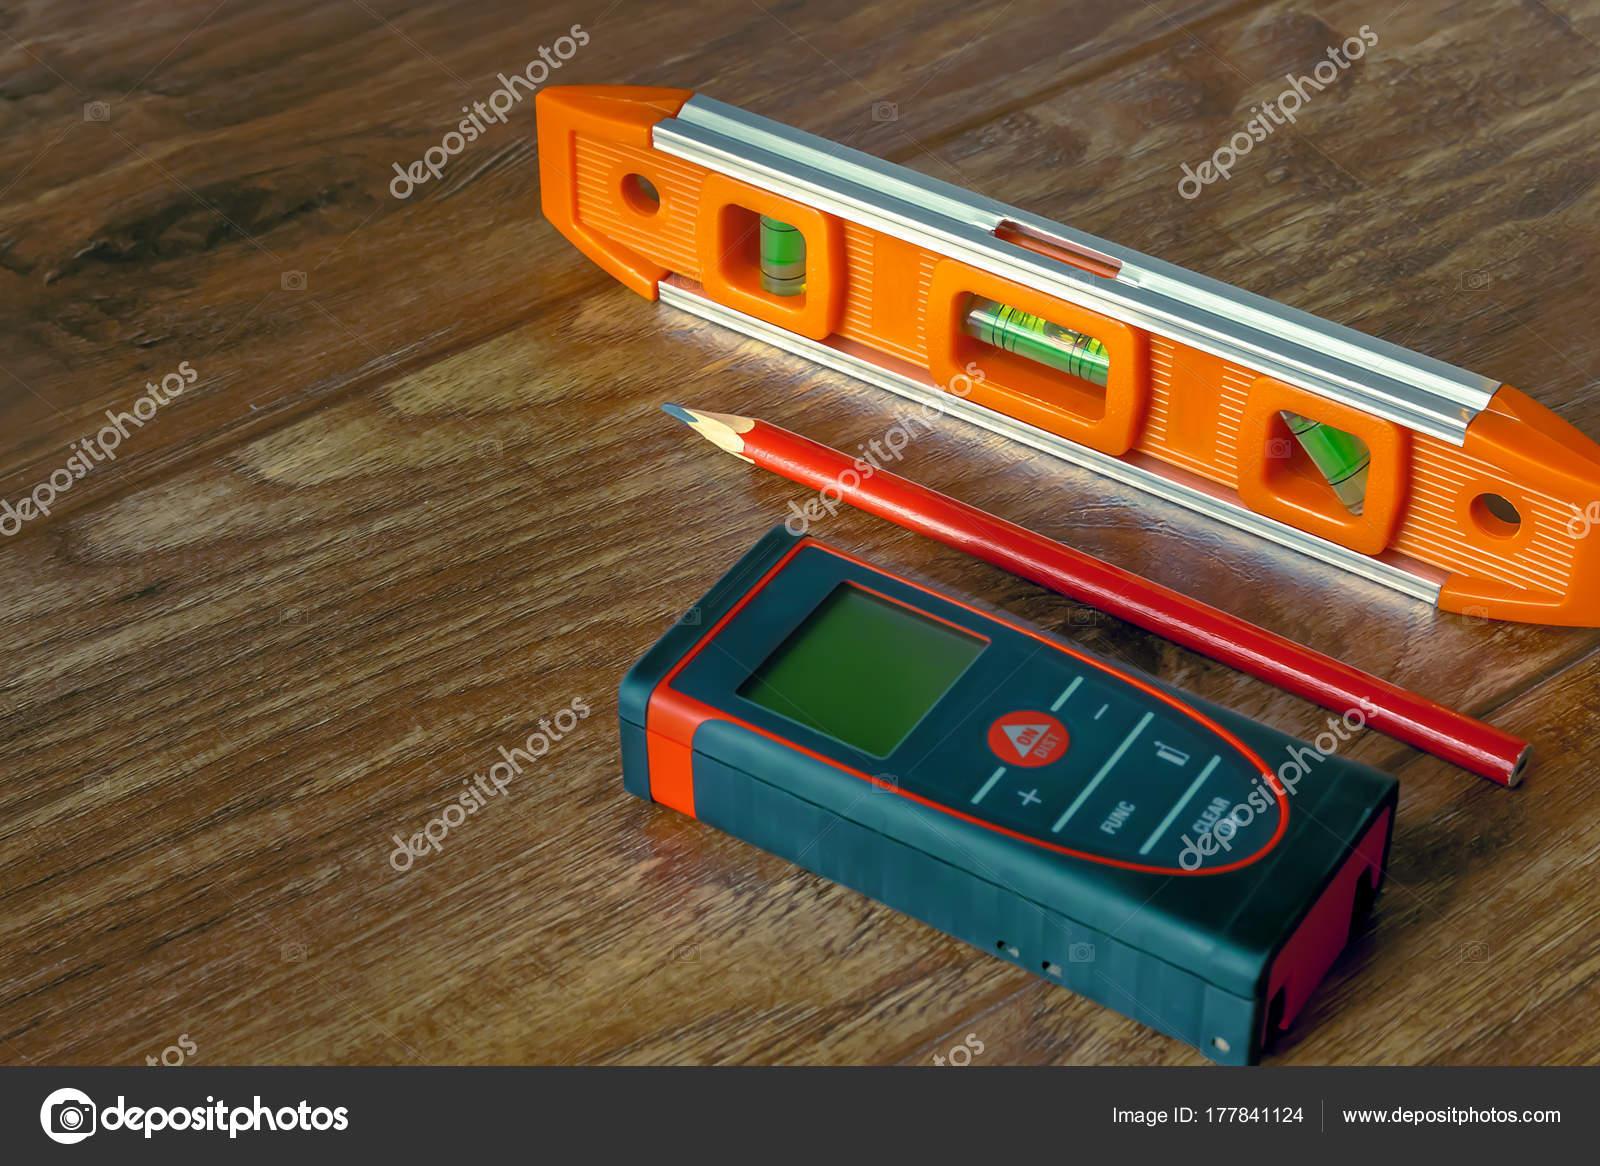 Laser Entfernungsmesser Selber Bauen : Optischen ebene laser entfernungsmesser und einem bleistift auf